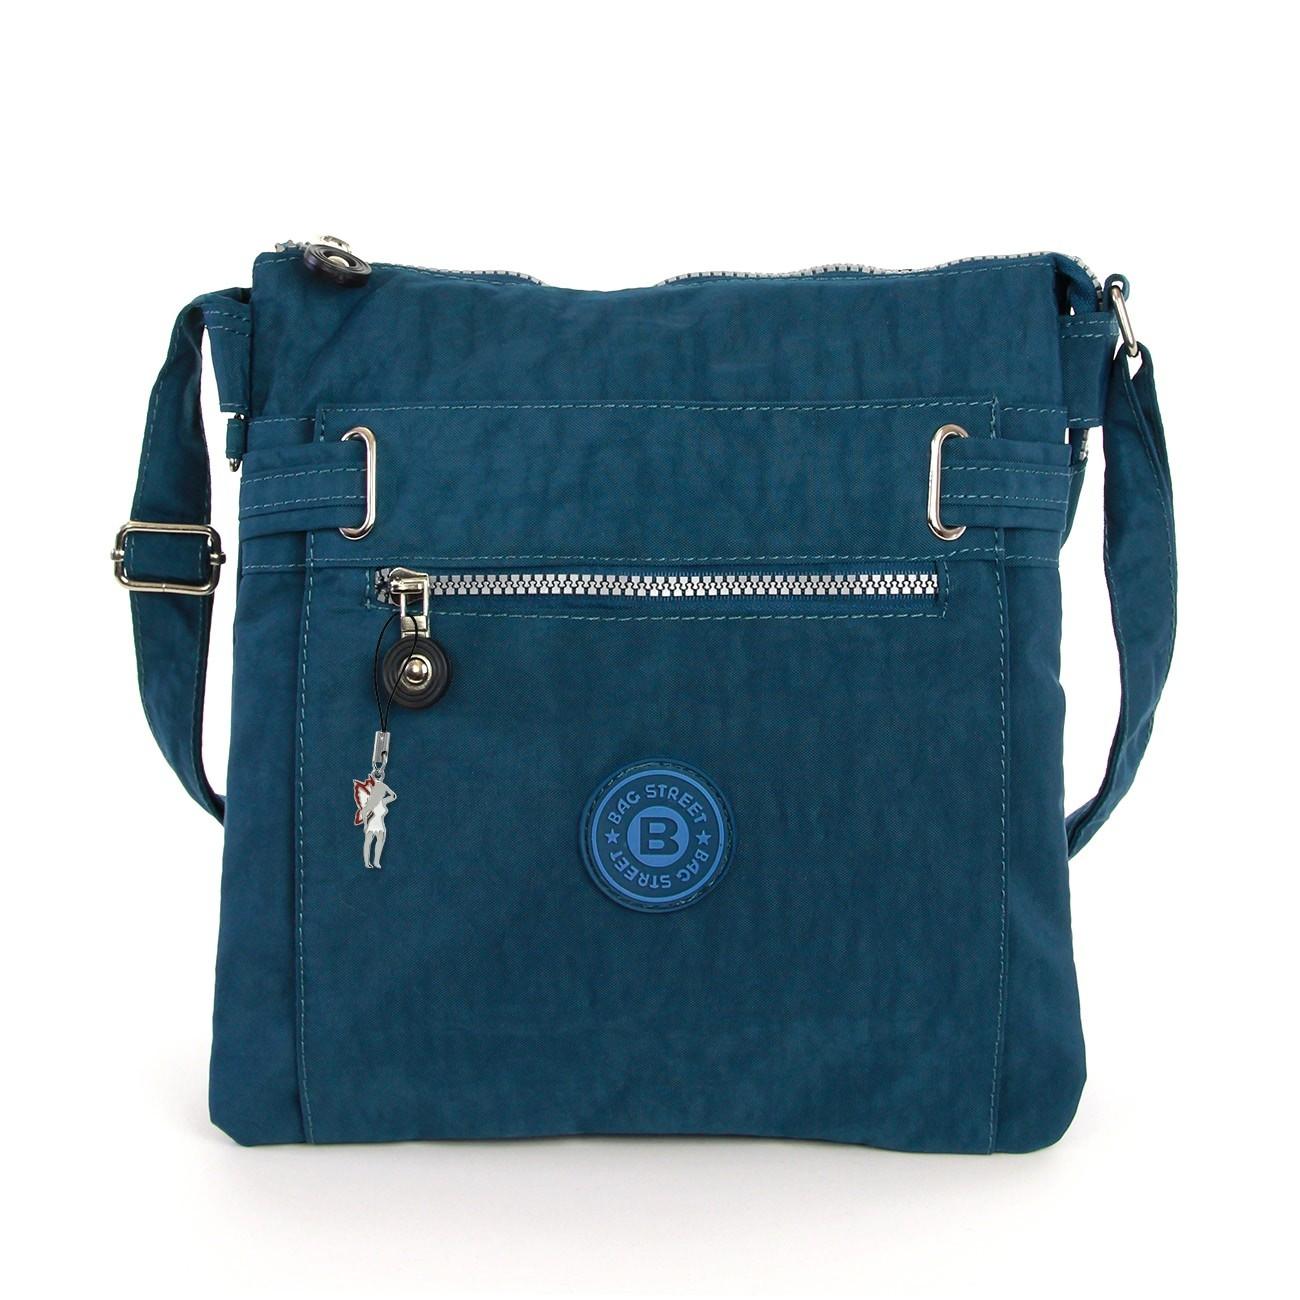 Damen Umhängetasche blau Nylon Schultertasche Bag Street Handtasche OTJ207T